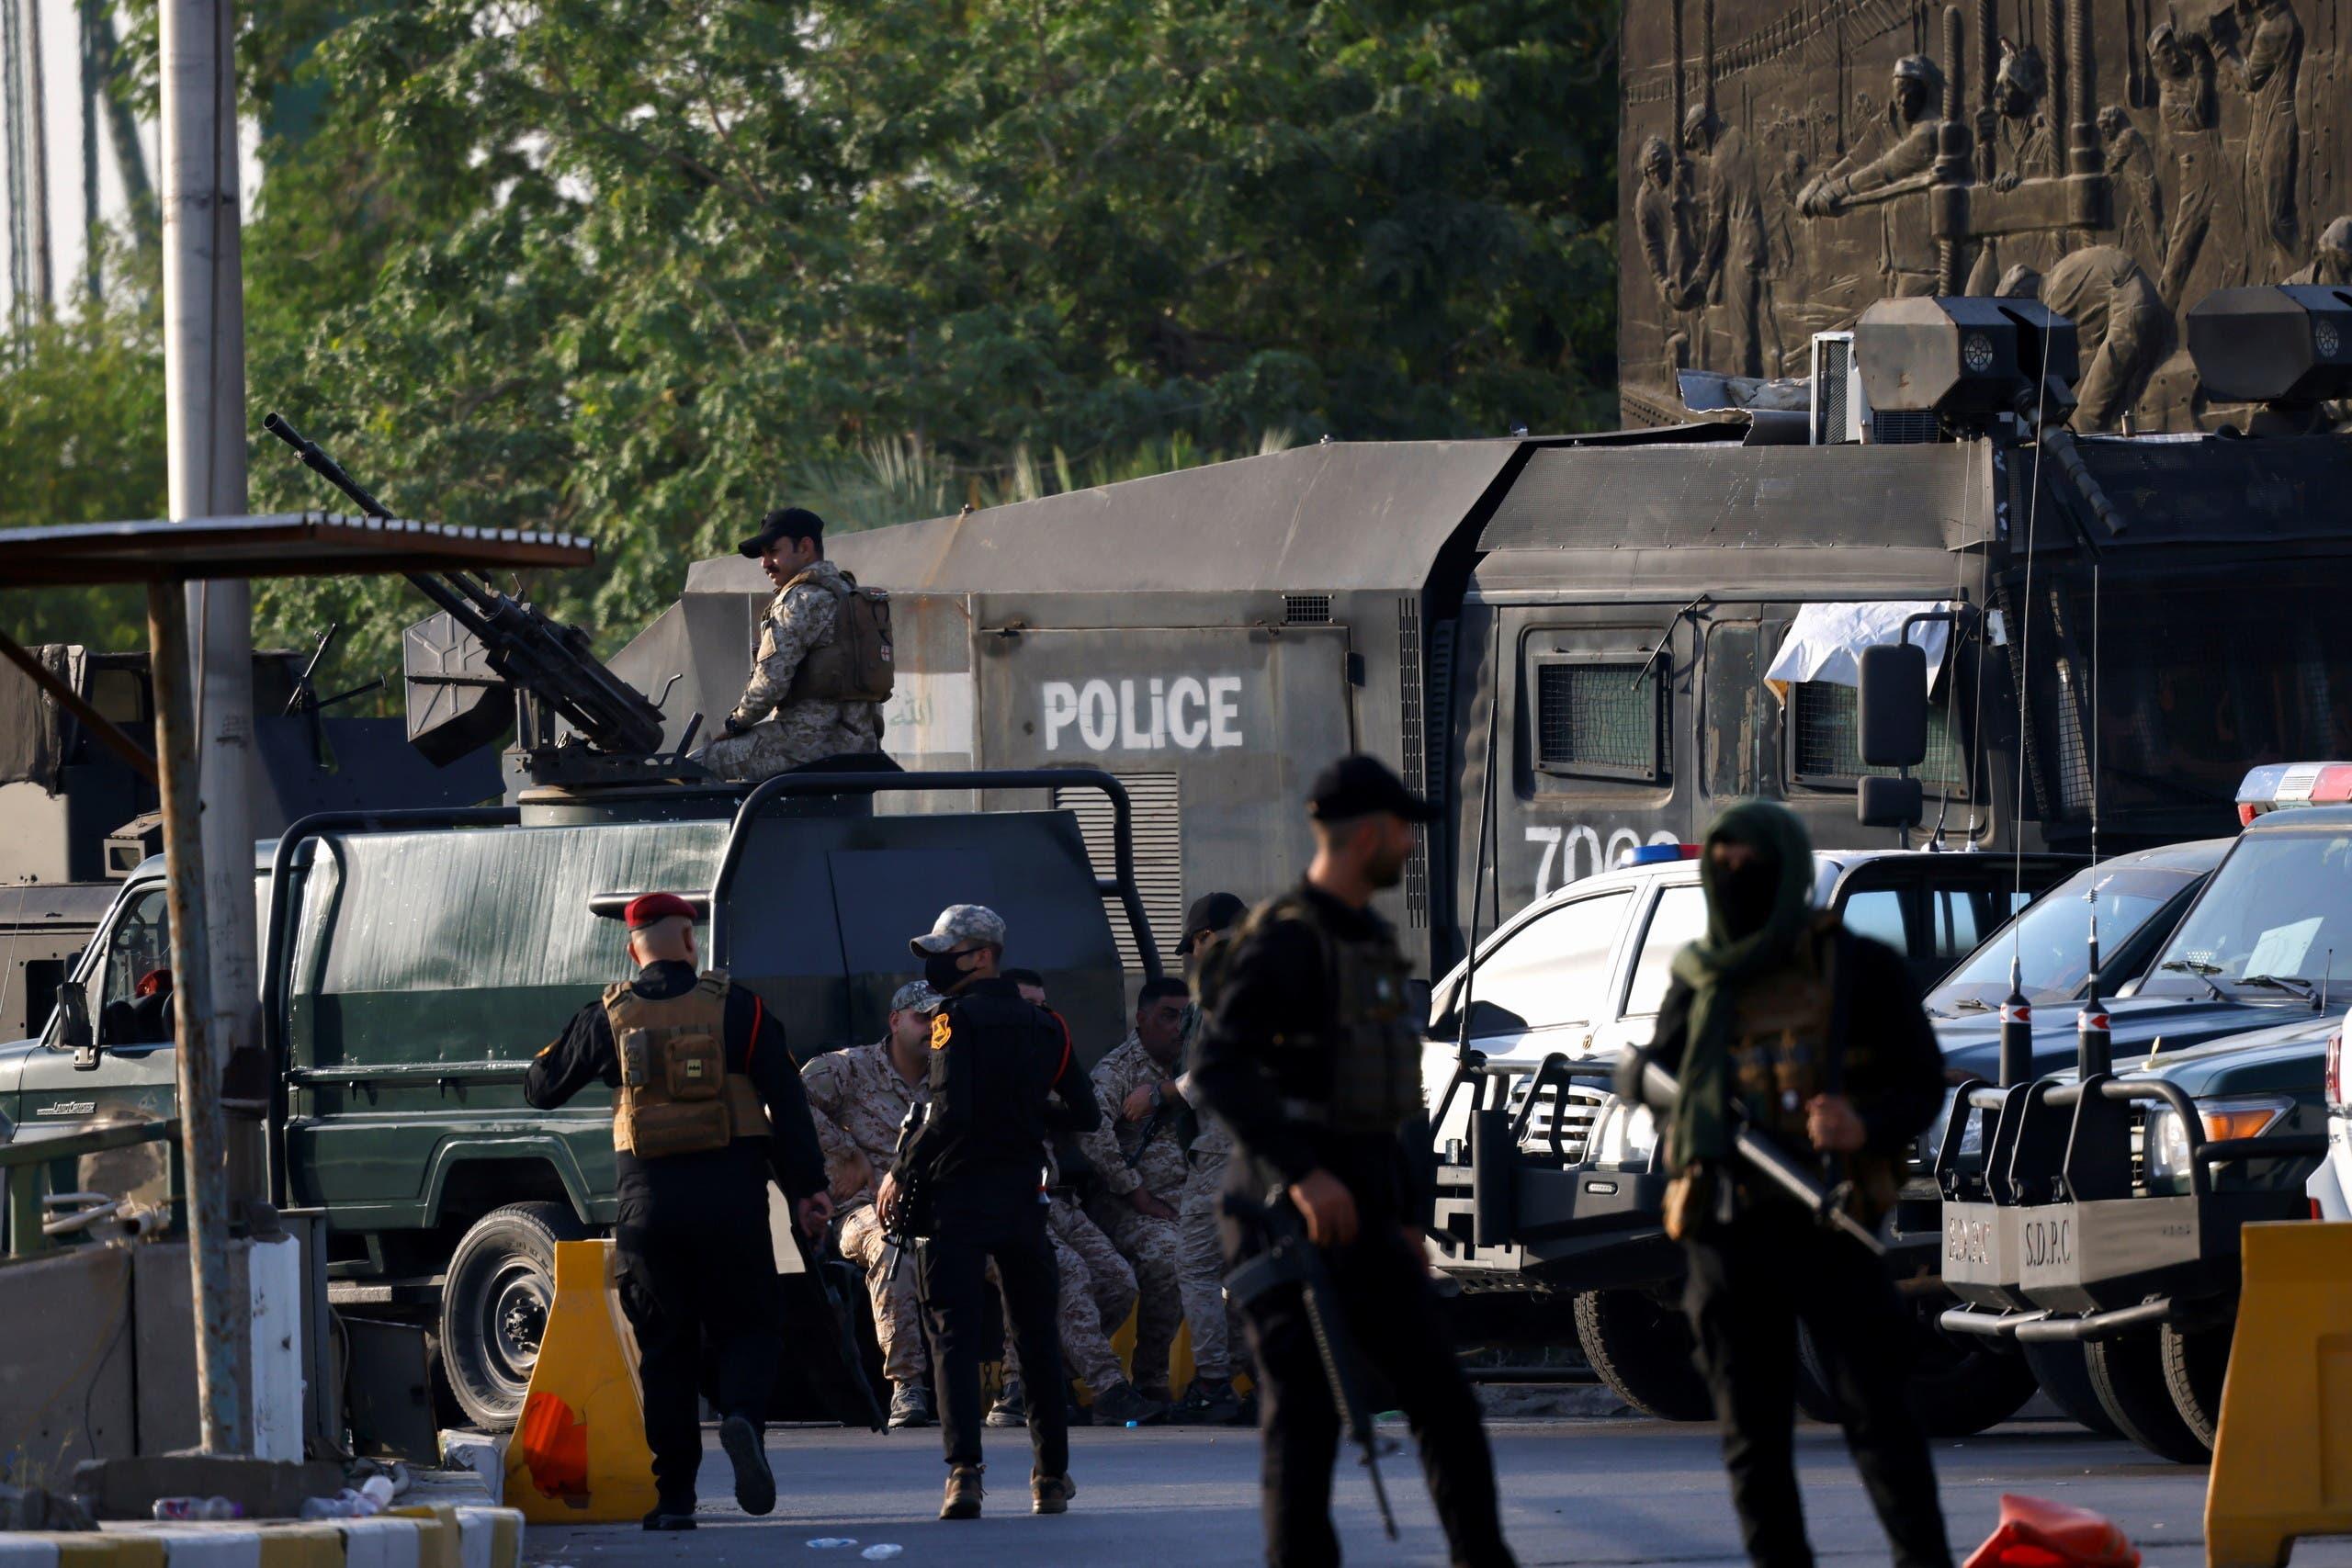 عناصر من الحشد الشعبي على مداخل المنطقة الخضراء في بغداد في 26 مايو الماضي